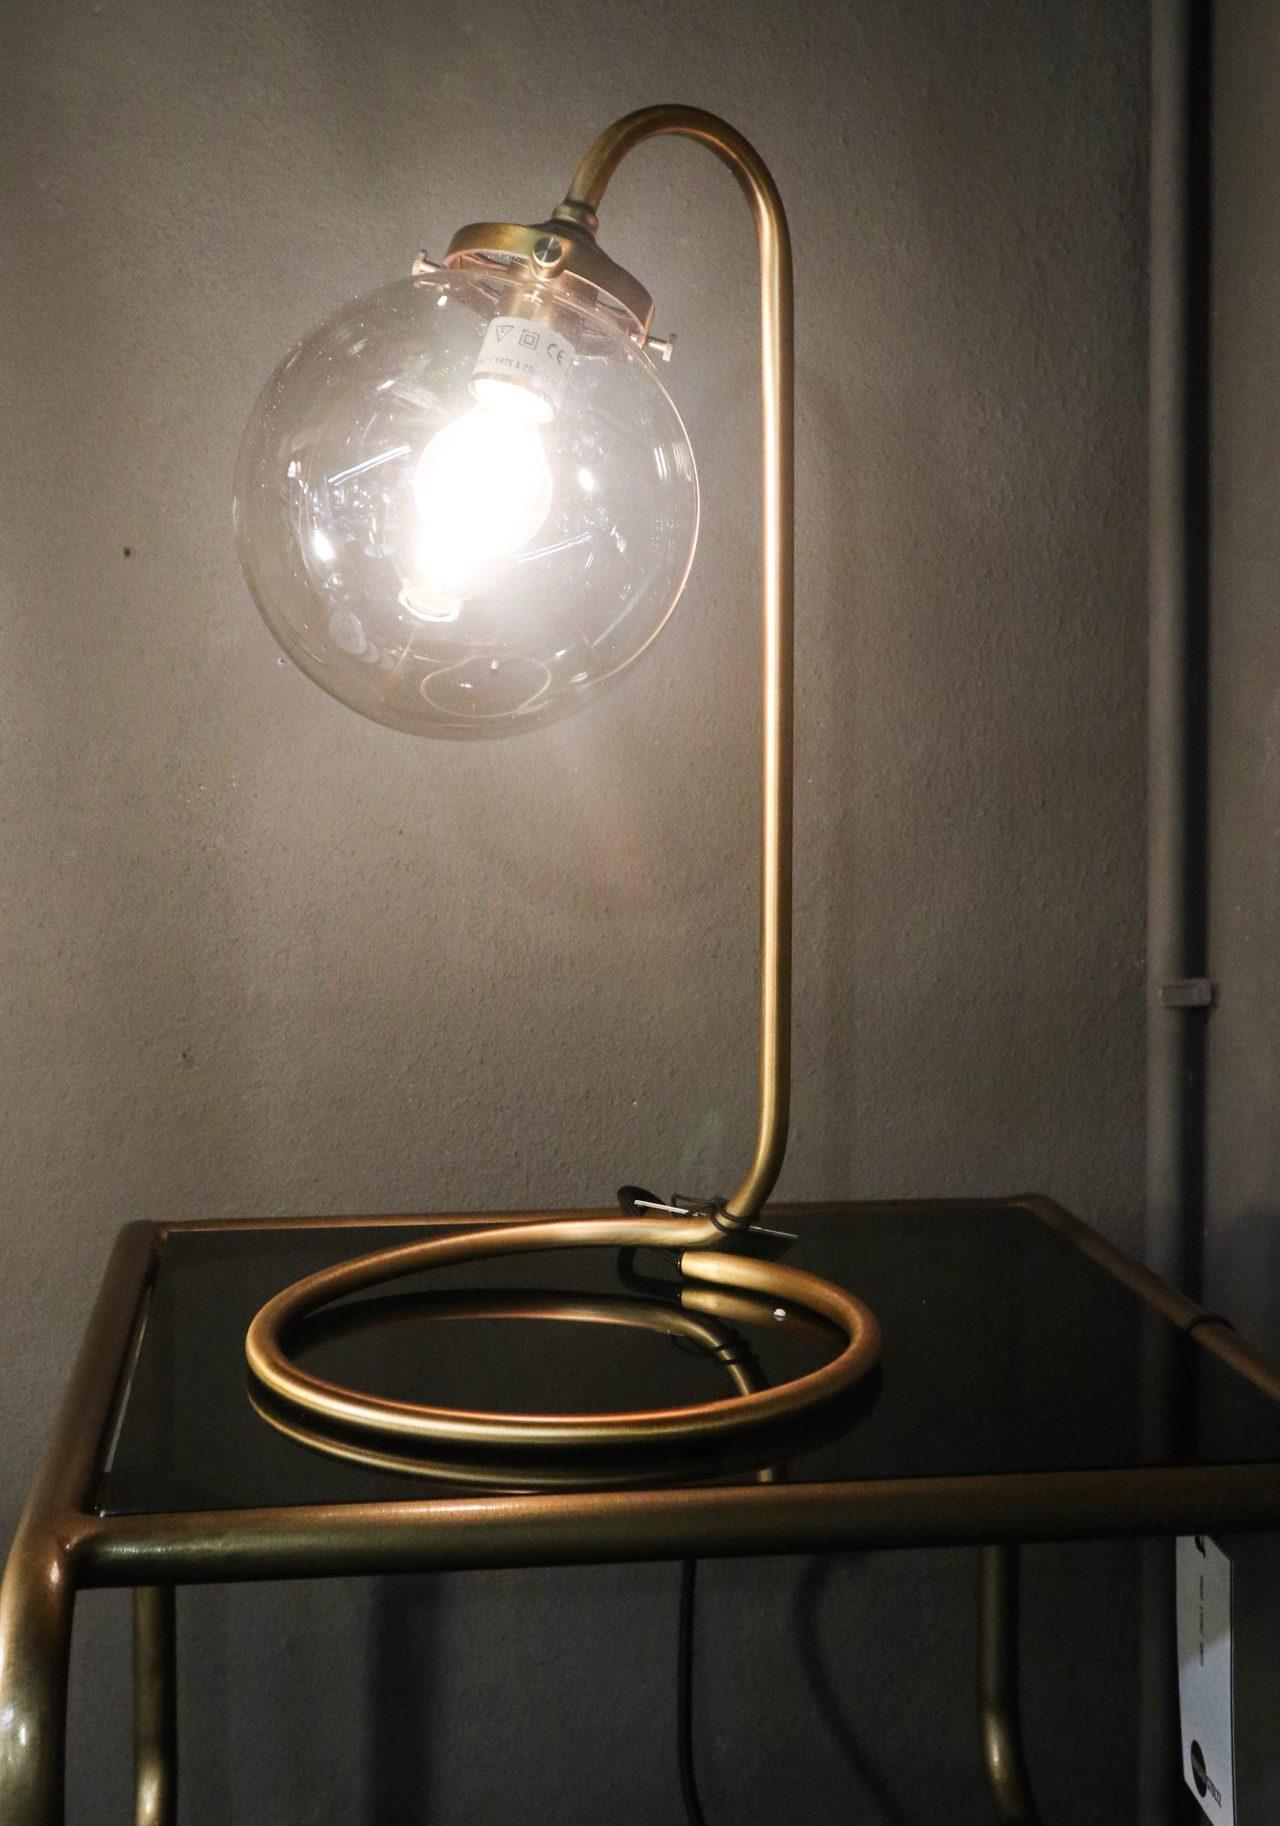 tischlampe aus messing popshop skandinavische einrichtung. Black Bedroom Furniture Sets. Home Design Ideas